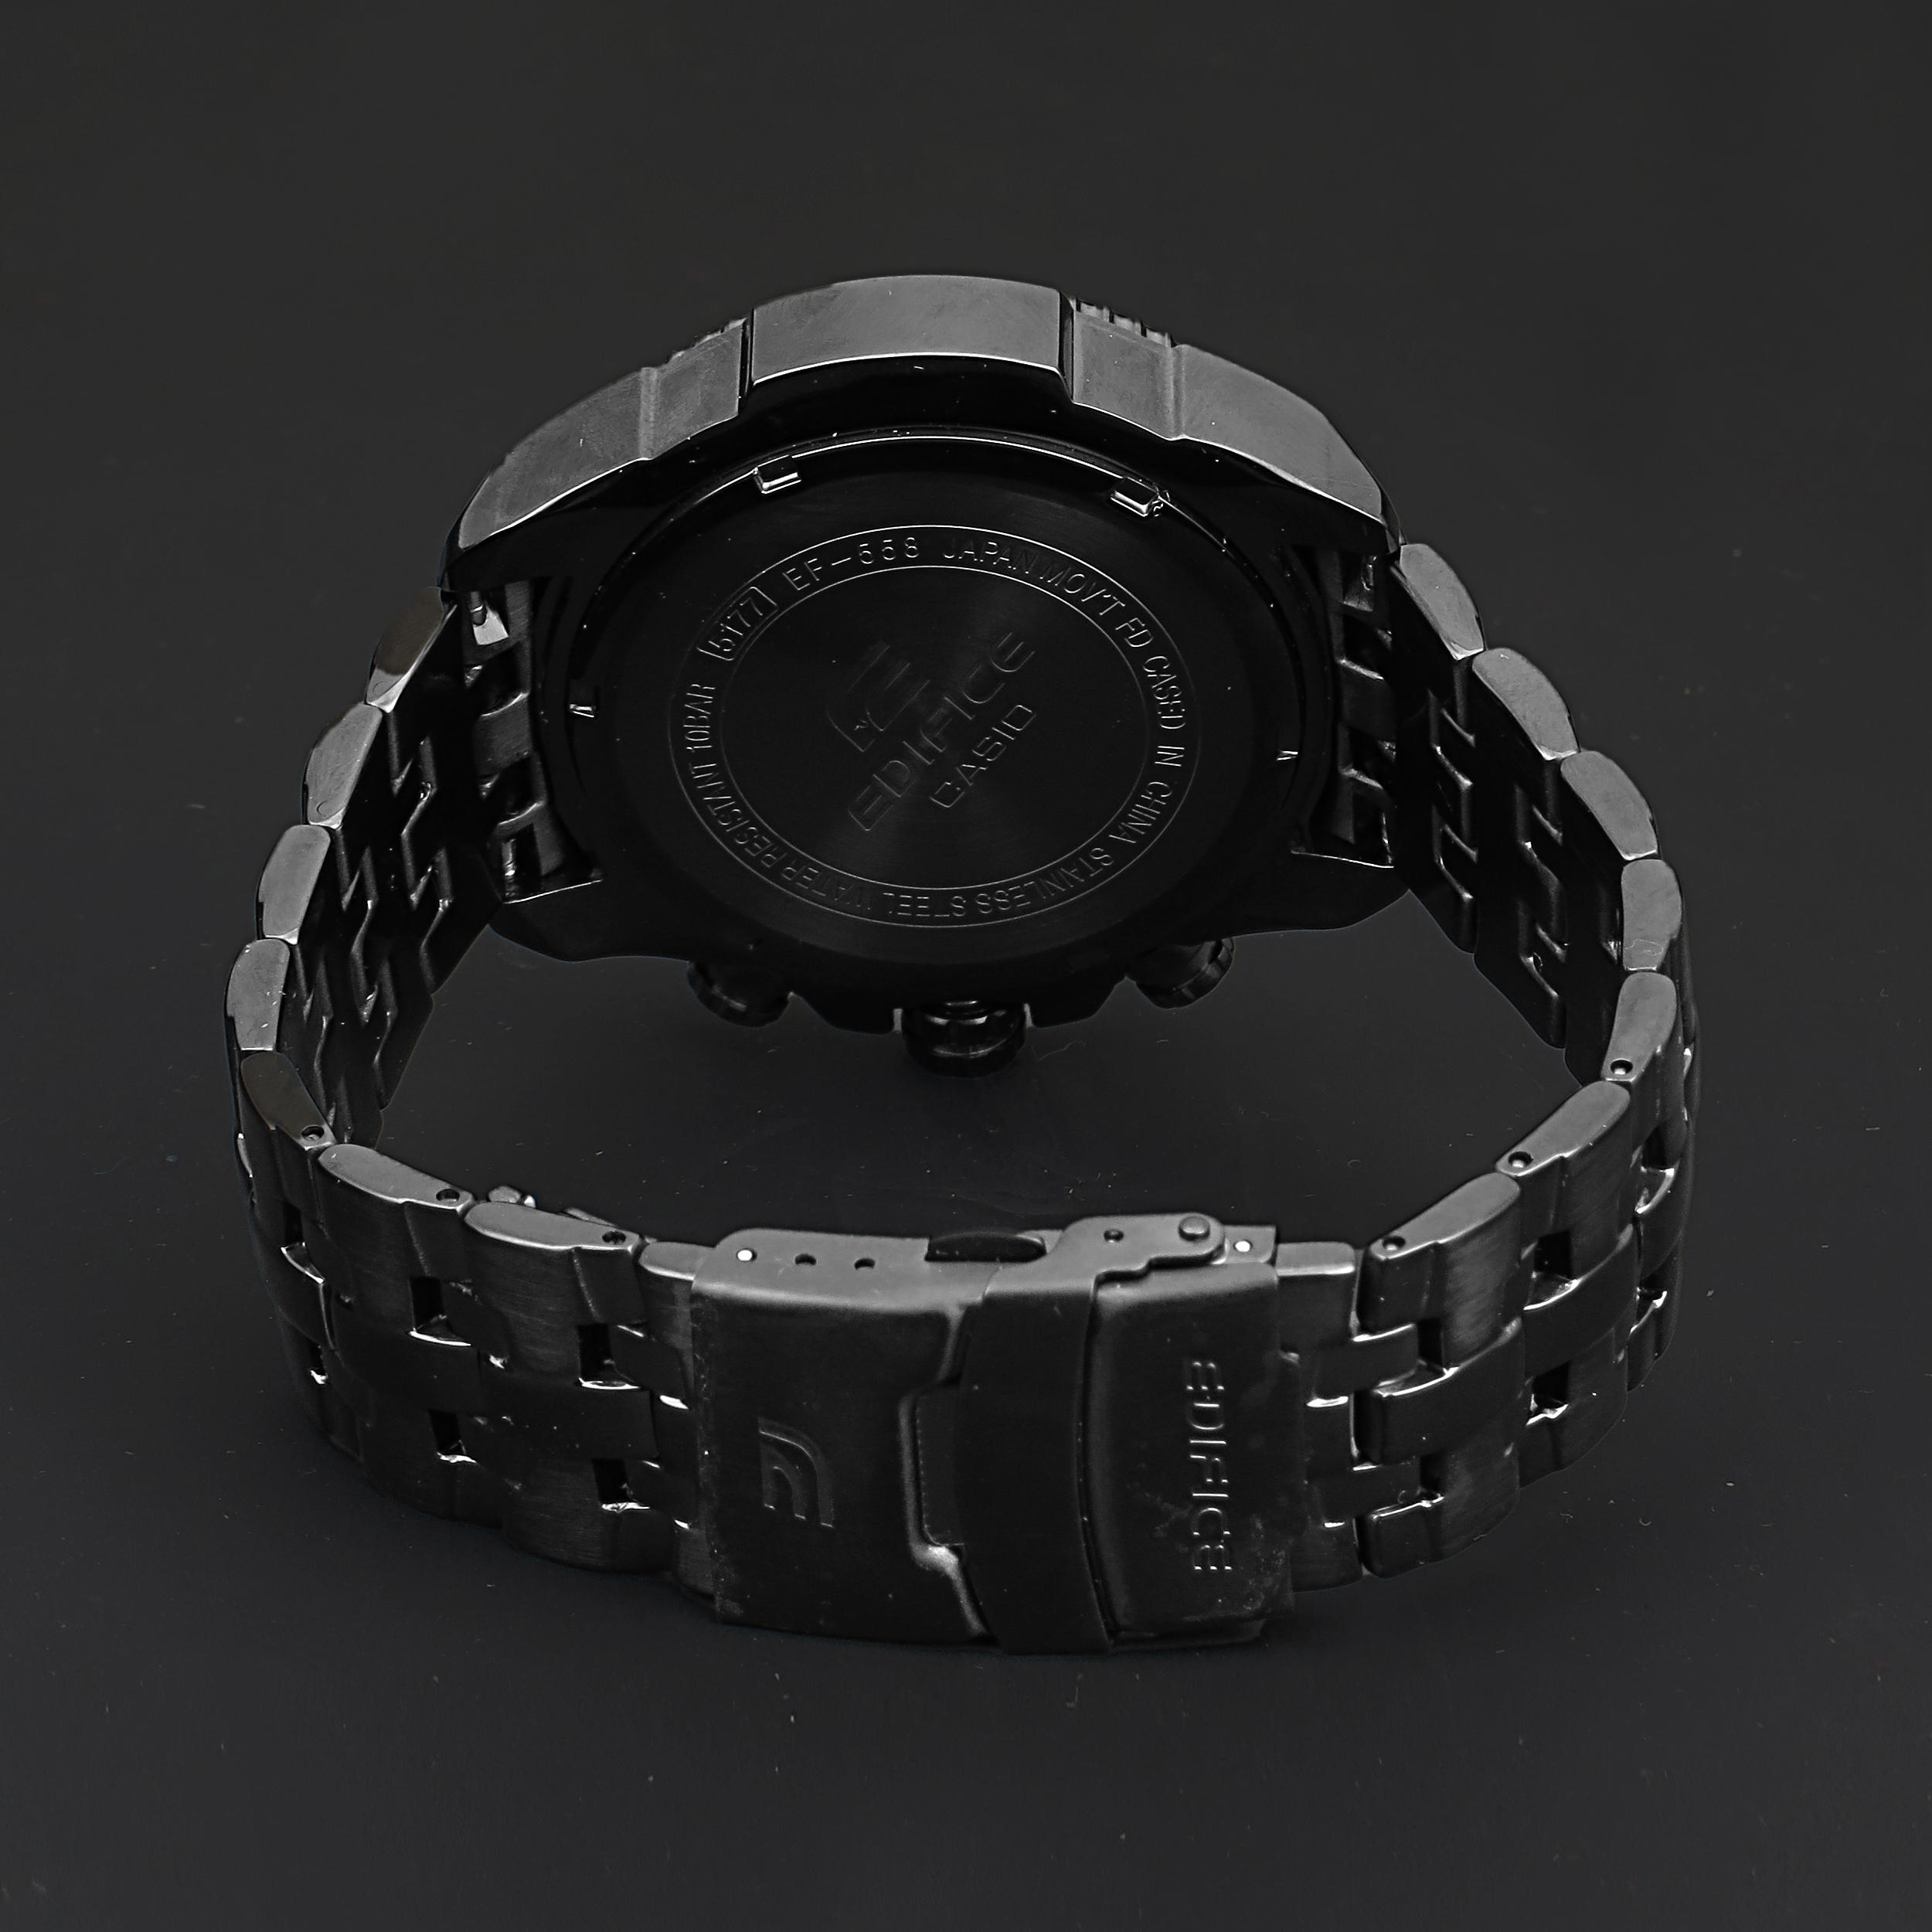 ساعت مچی عقربه ای مردانه کاسیو مدل EF558-2